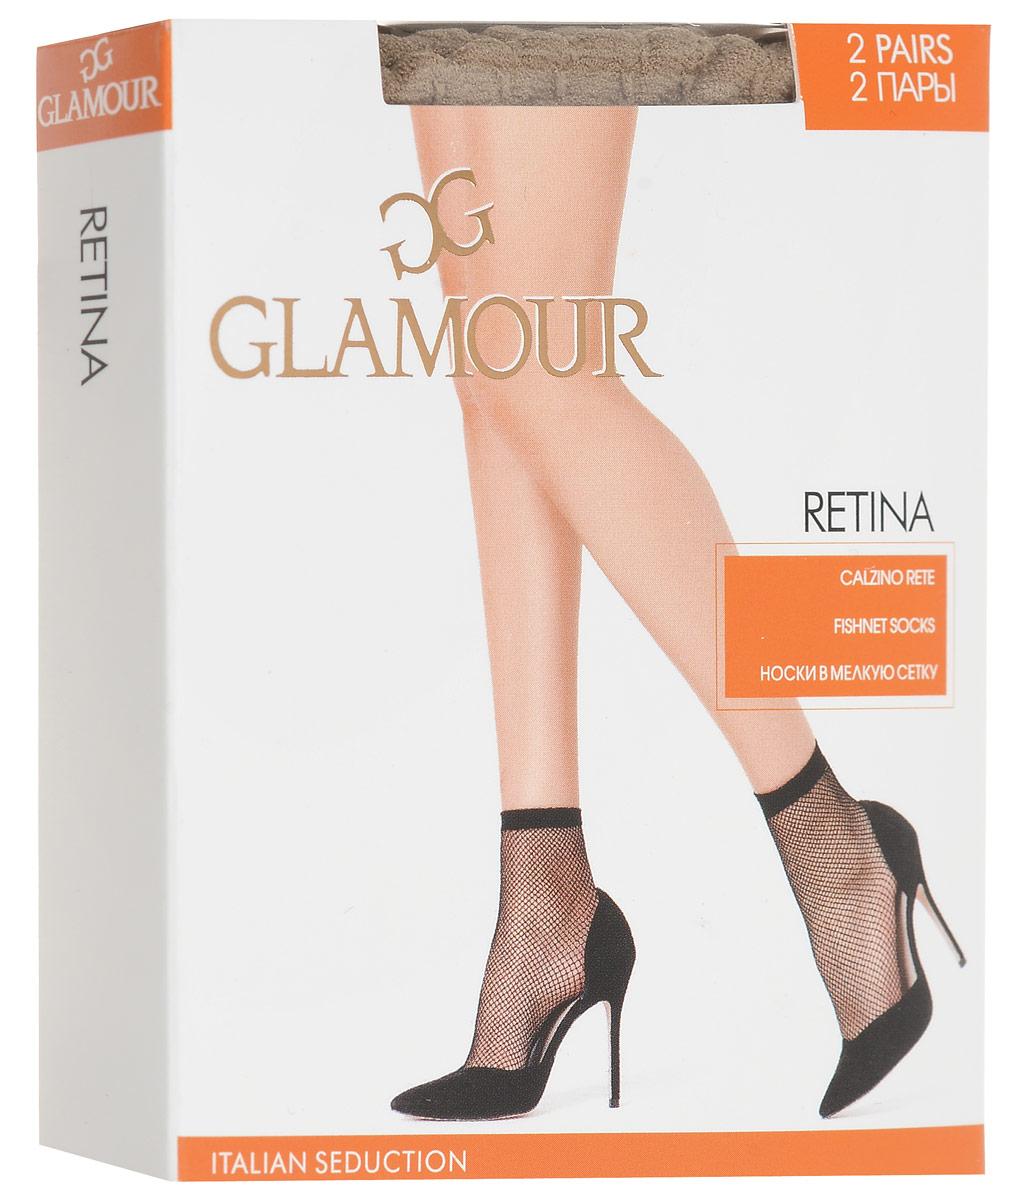 Носки женские Glamour Retina, цвет: Miele (телесный), 2 пары. 25823. Размер универсальныйRetinaУдобные женские носки Glamour Retina, изготовленные из высококачественного эластичного полиамида, идеально подойдут для повседневной носки. Входящий в состав материала полиамид обеспечивает износостойкость, а эластан позволяет носочкам легко тянуться, что делает их комфортными в носке.Эластичная резинка плотно облегает ногу, не сдавливая ее, обеспечивая комфорт и удобство и не препятствуя кровообращению. Практичные и комфортные носки в мелкую сетку великолепно подойдут к любой открытой обуви. В комплект входят 2 пары носков.